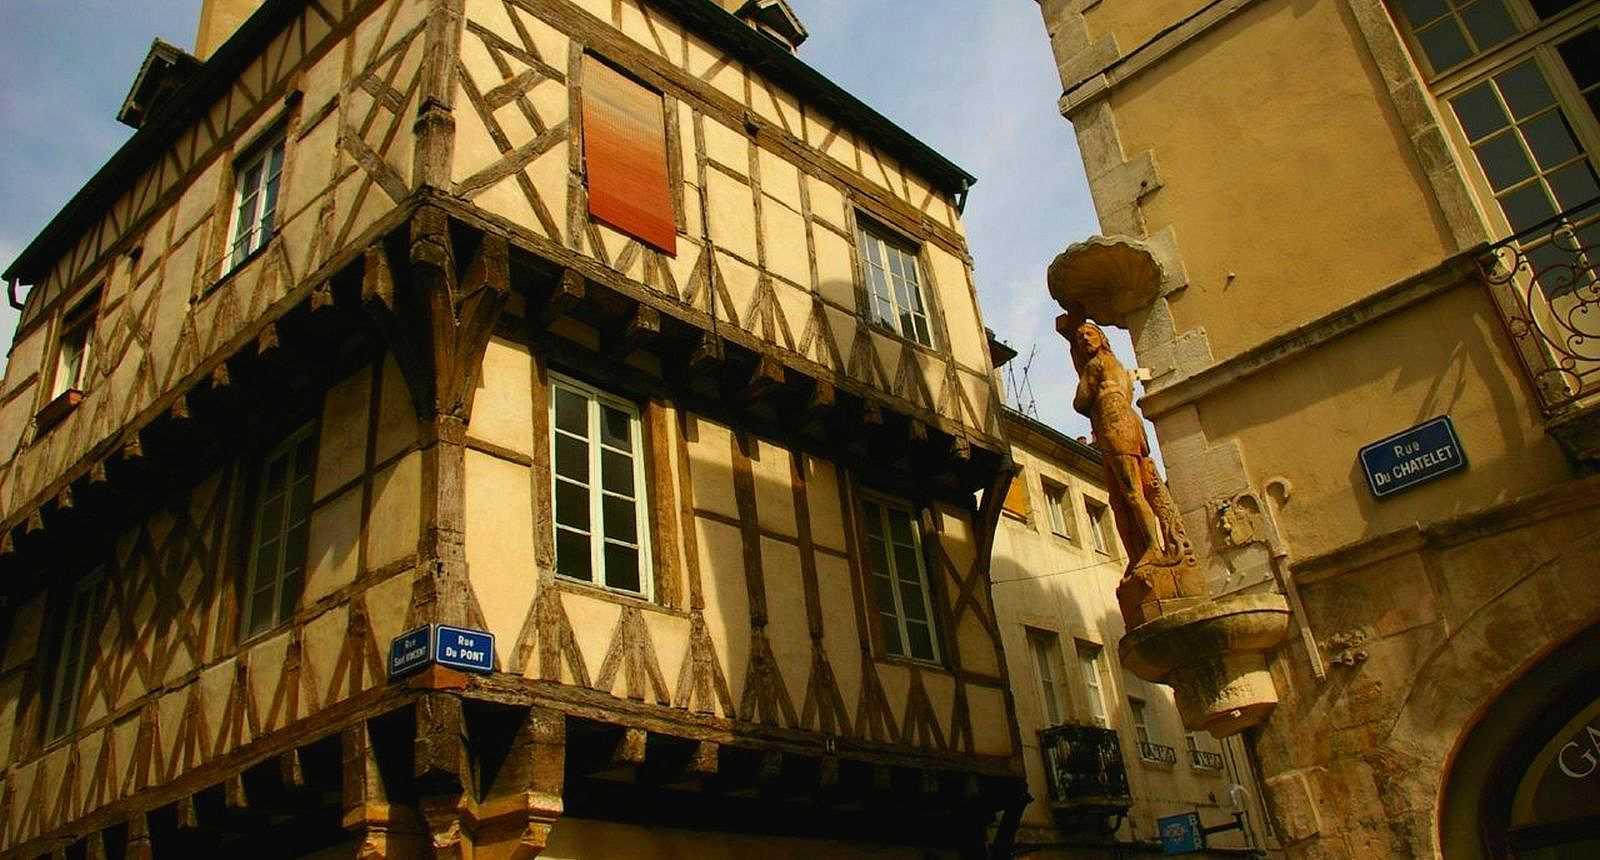 Chalon-sur-Saône (1)